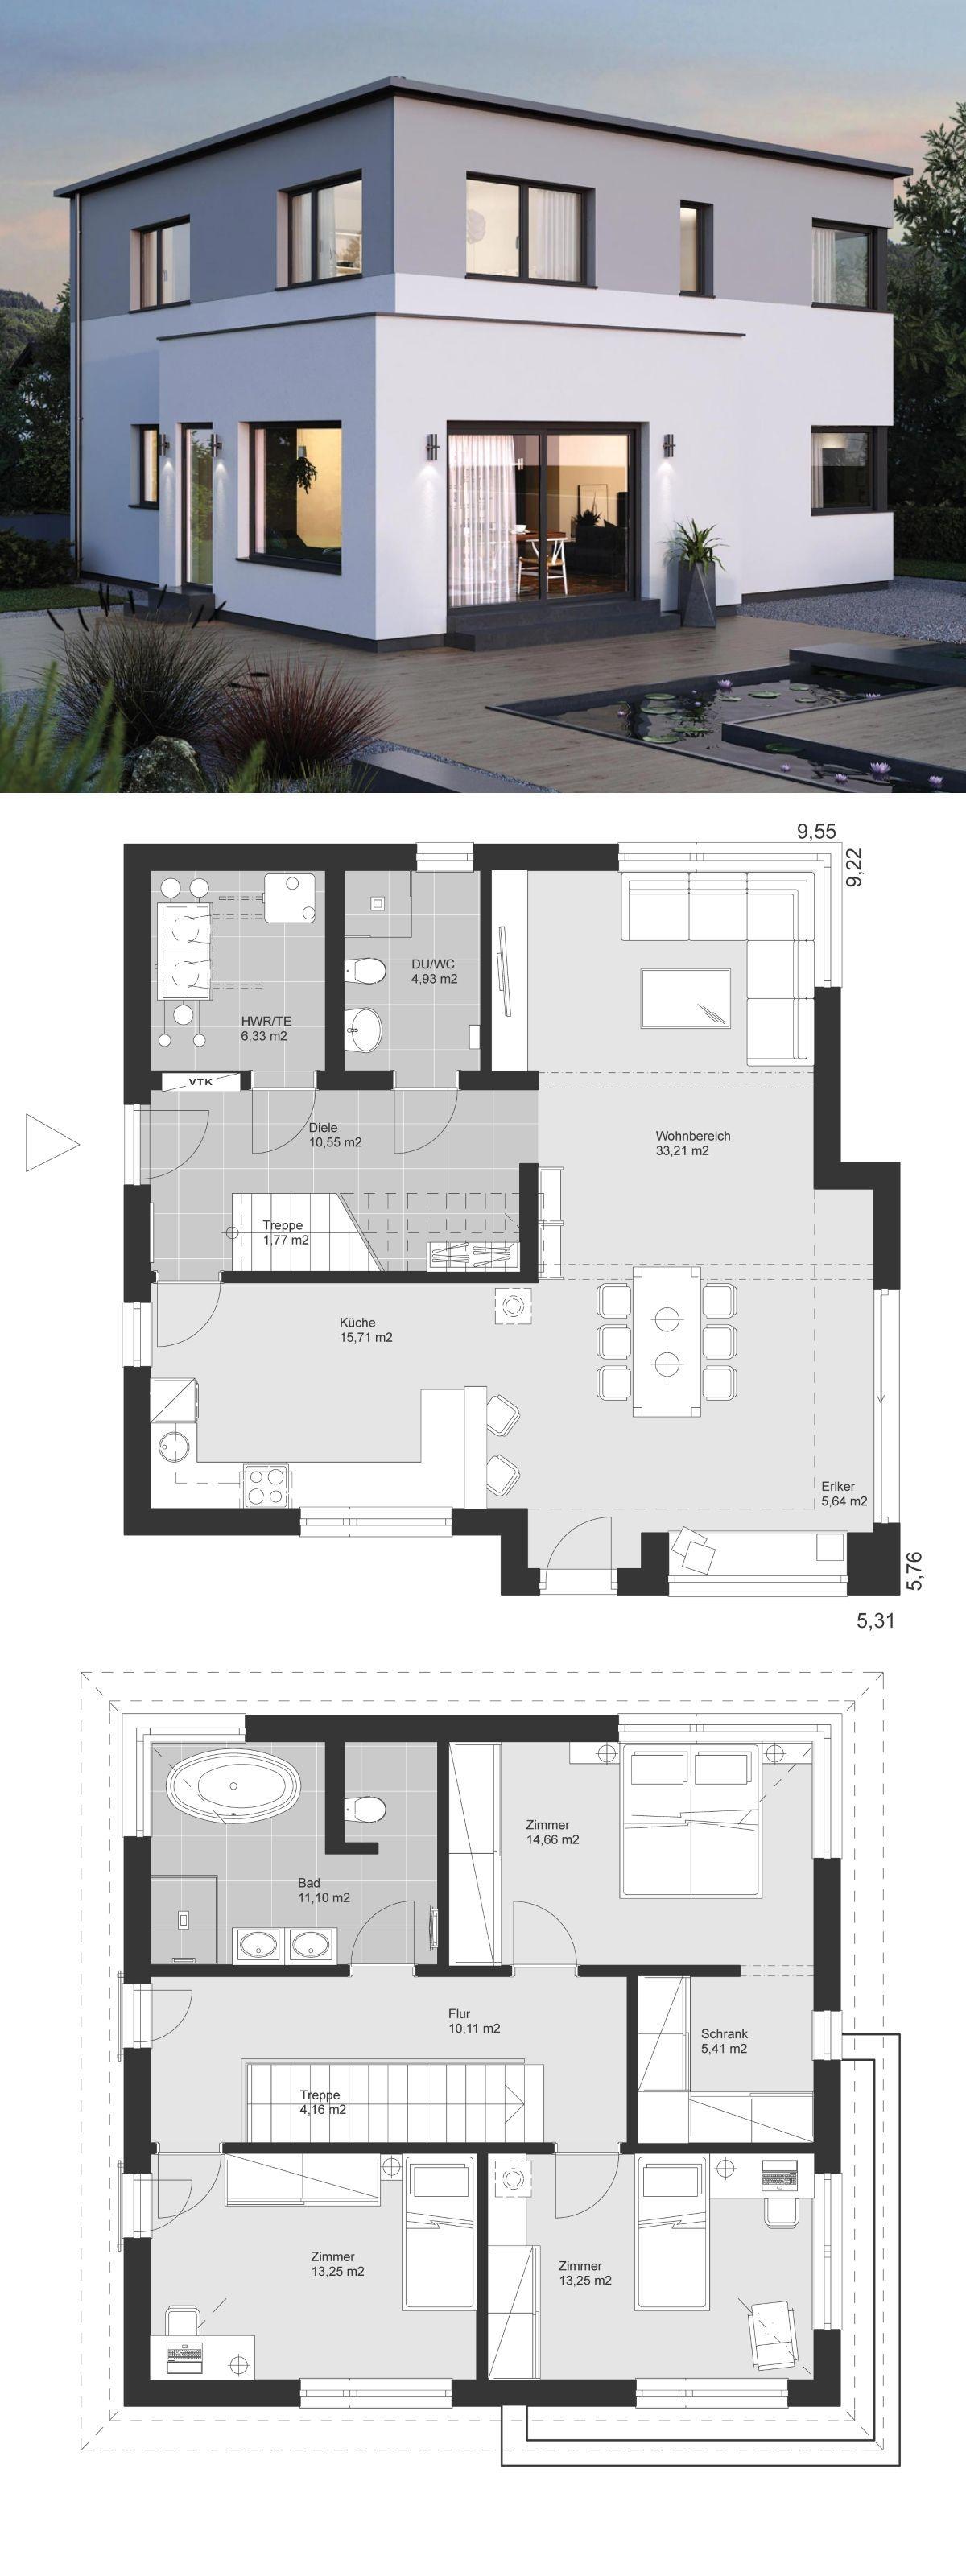 neubau stadtvilla modern grundriss mit flachdach architektur erker anbau treppe gerade. Black Bedroom Furniture Sets. Home Design Ideas